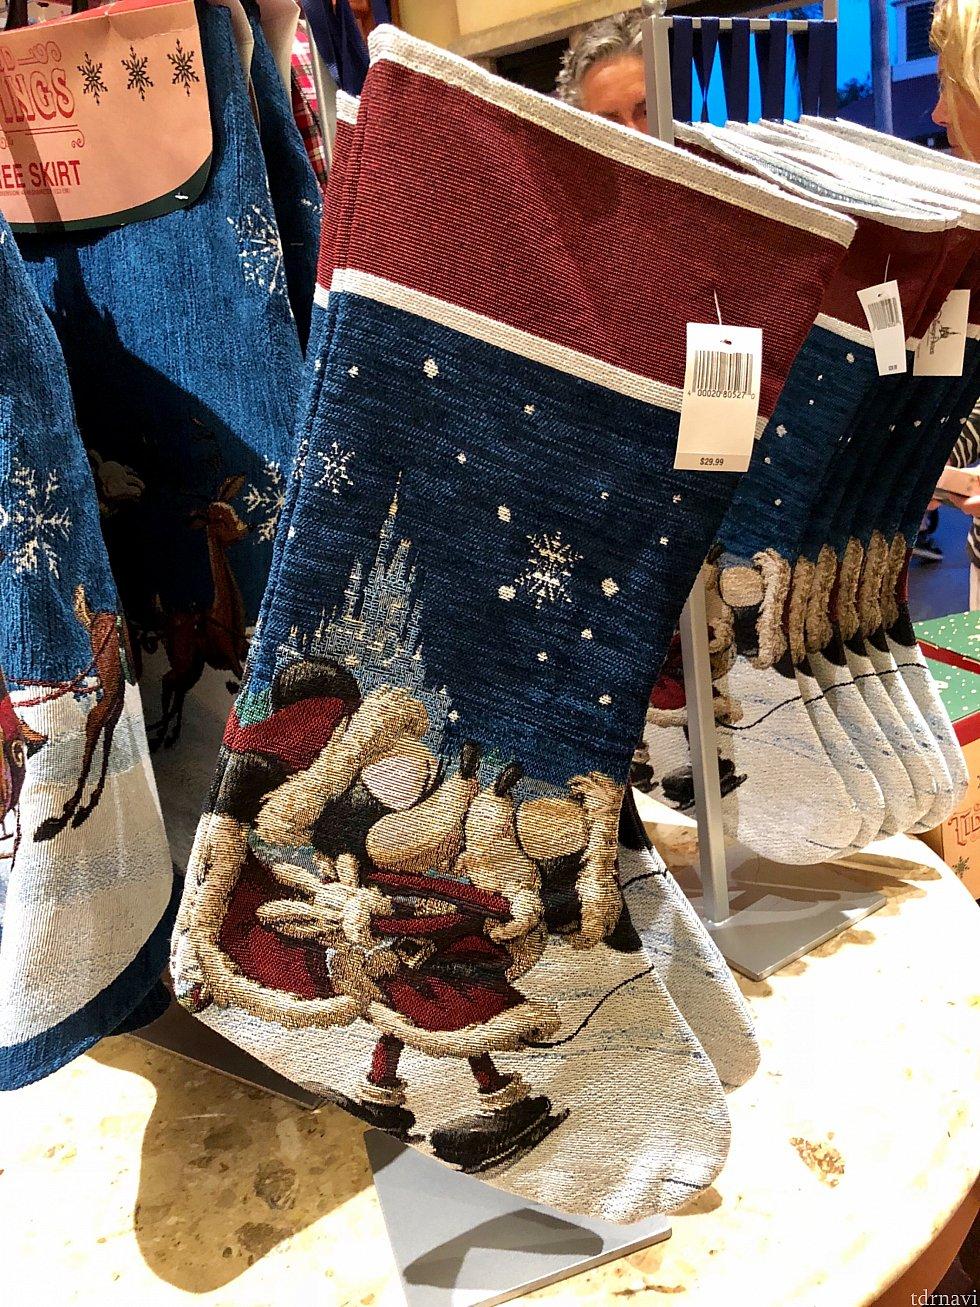 大きな靴下。プレゼントを受け取る時に飾るものですね。とてもクリスマスらしいグッズですね。$29.99